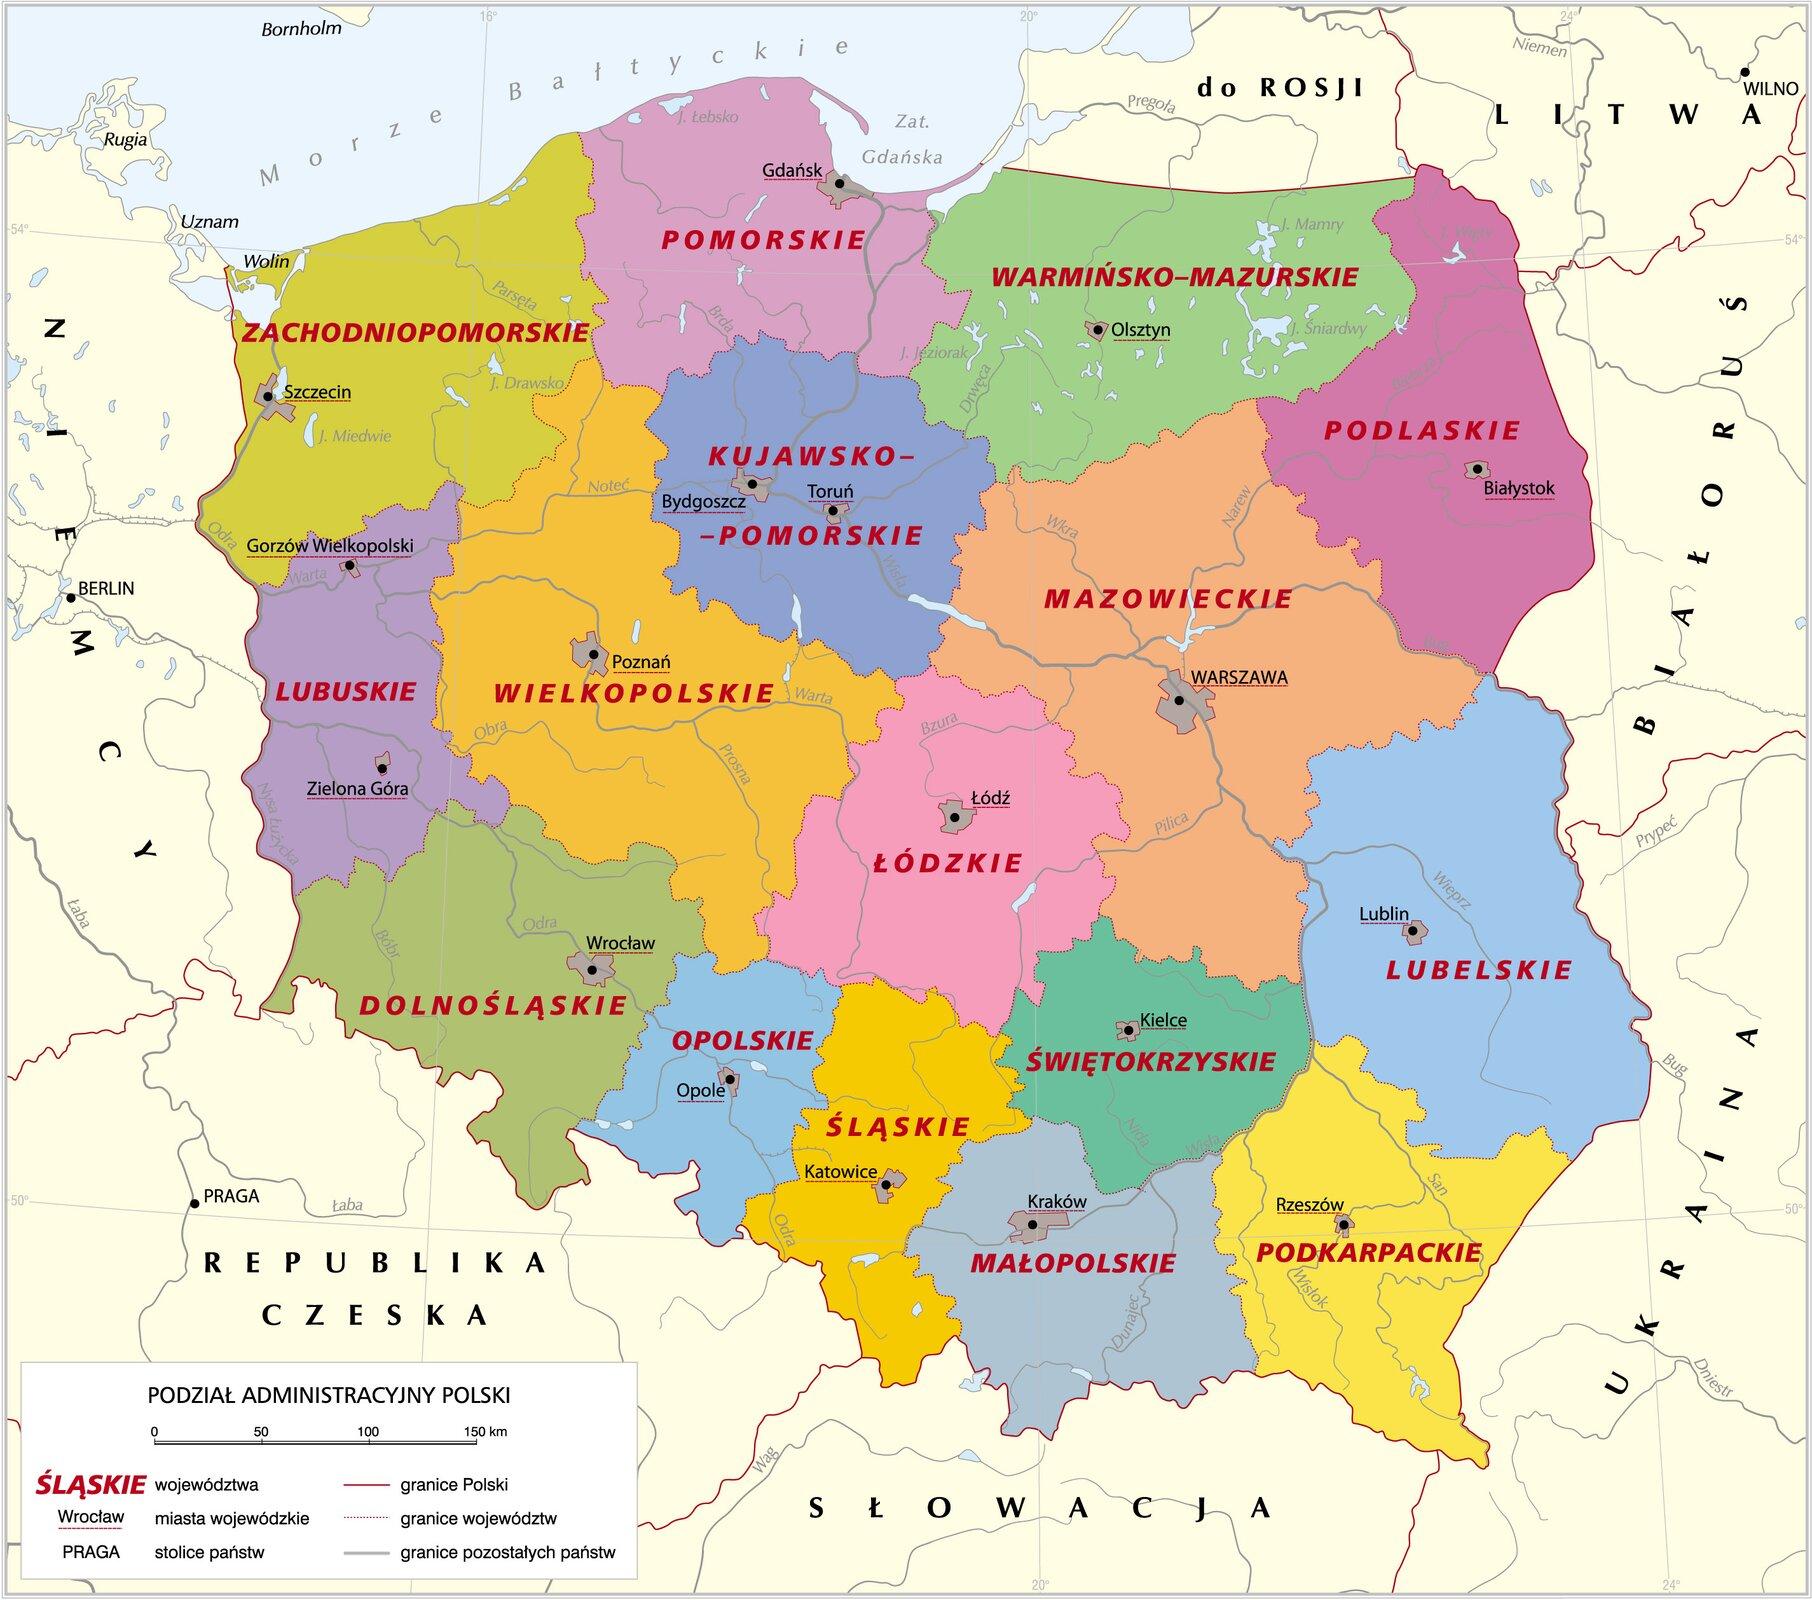 mapa administracyjna Polski Źródło: Krystian Chariza izespół, licencja: CC BY 3.0.